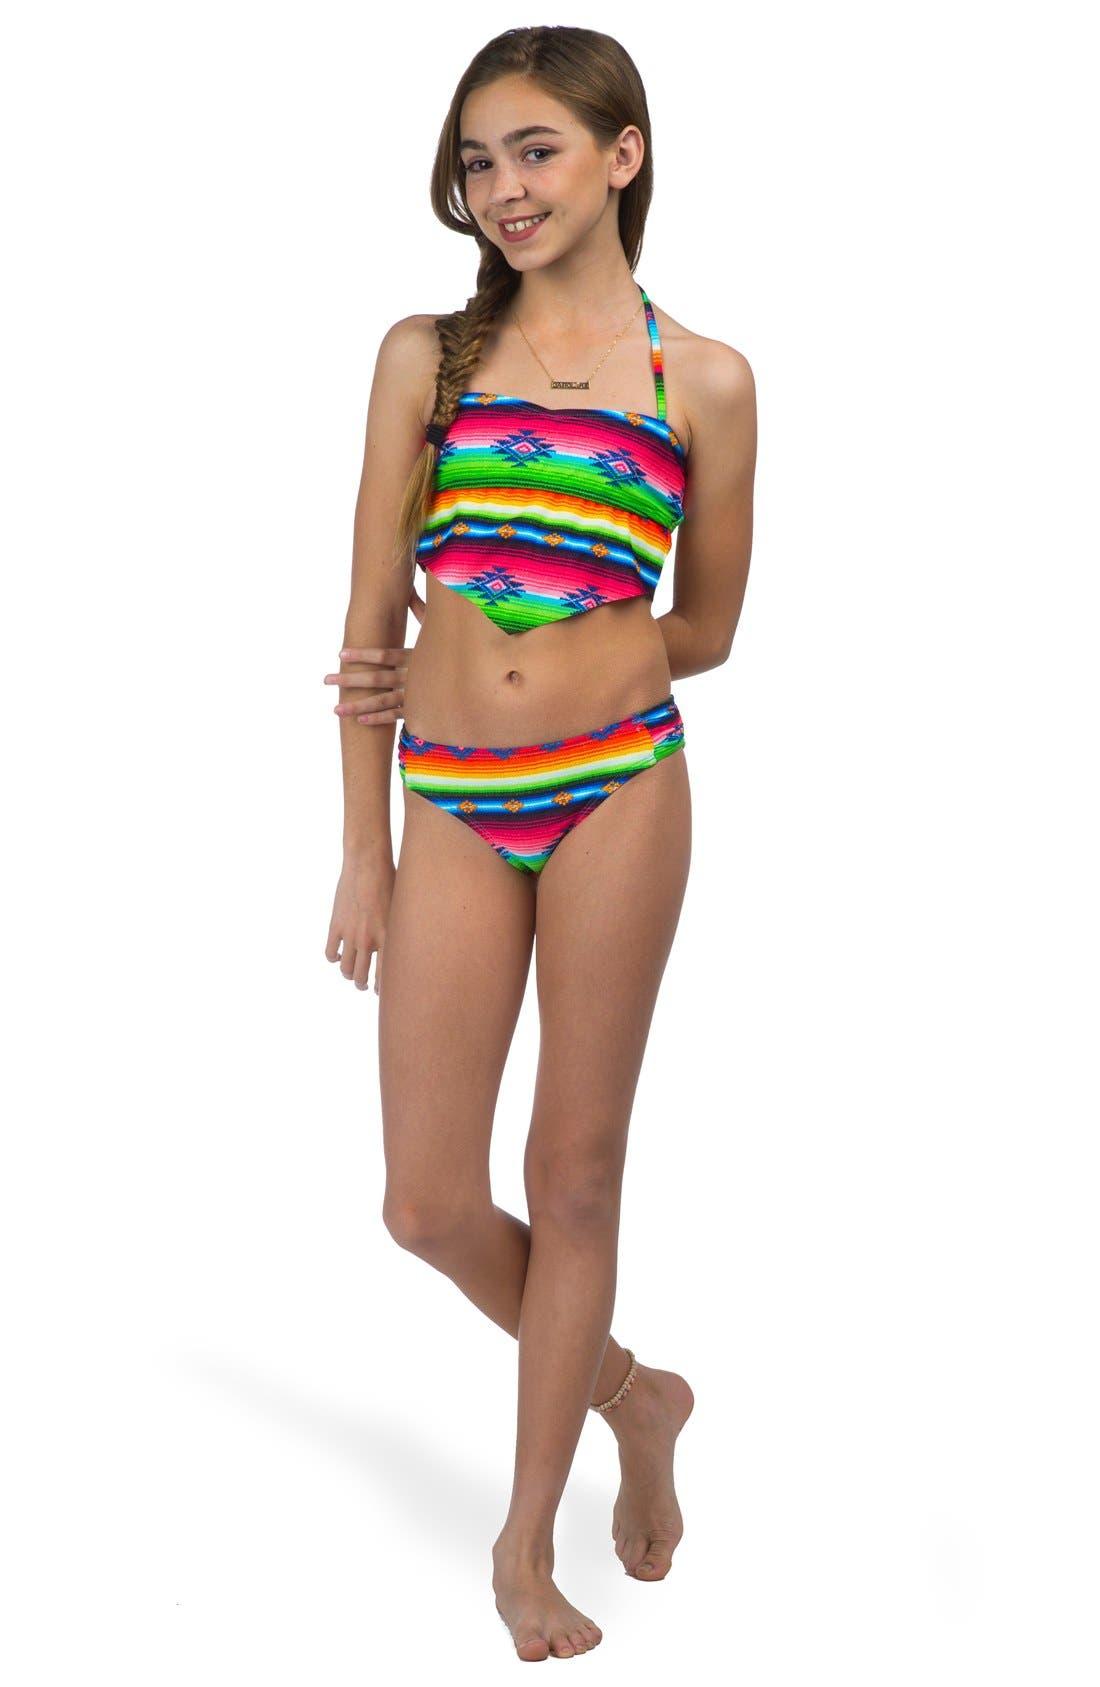 Preteen Model Swimsuit | Gambar Rumah